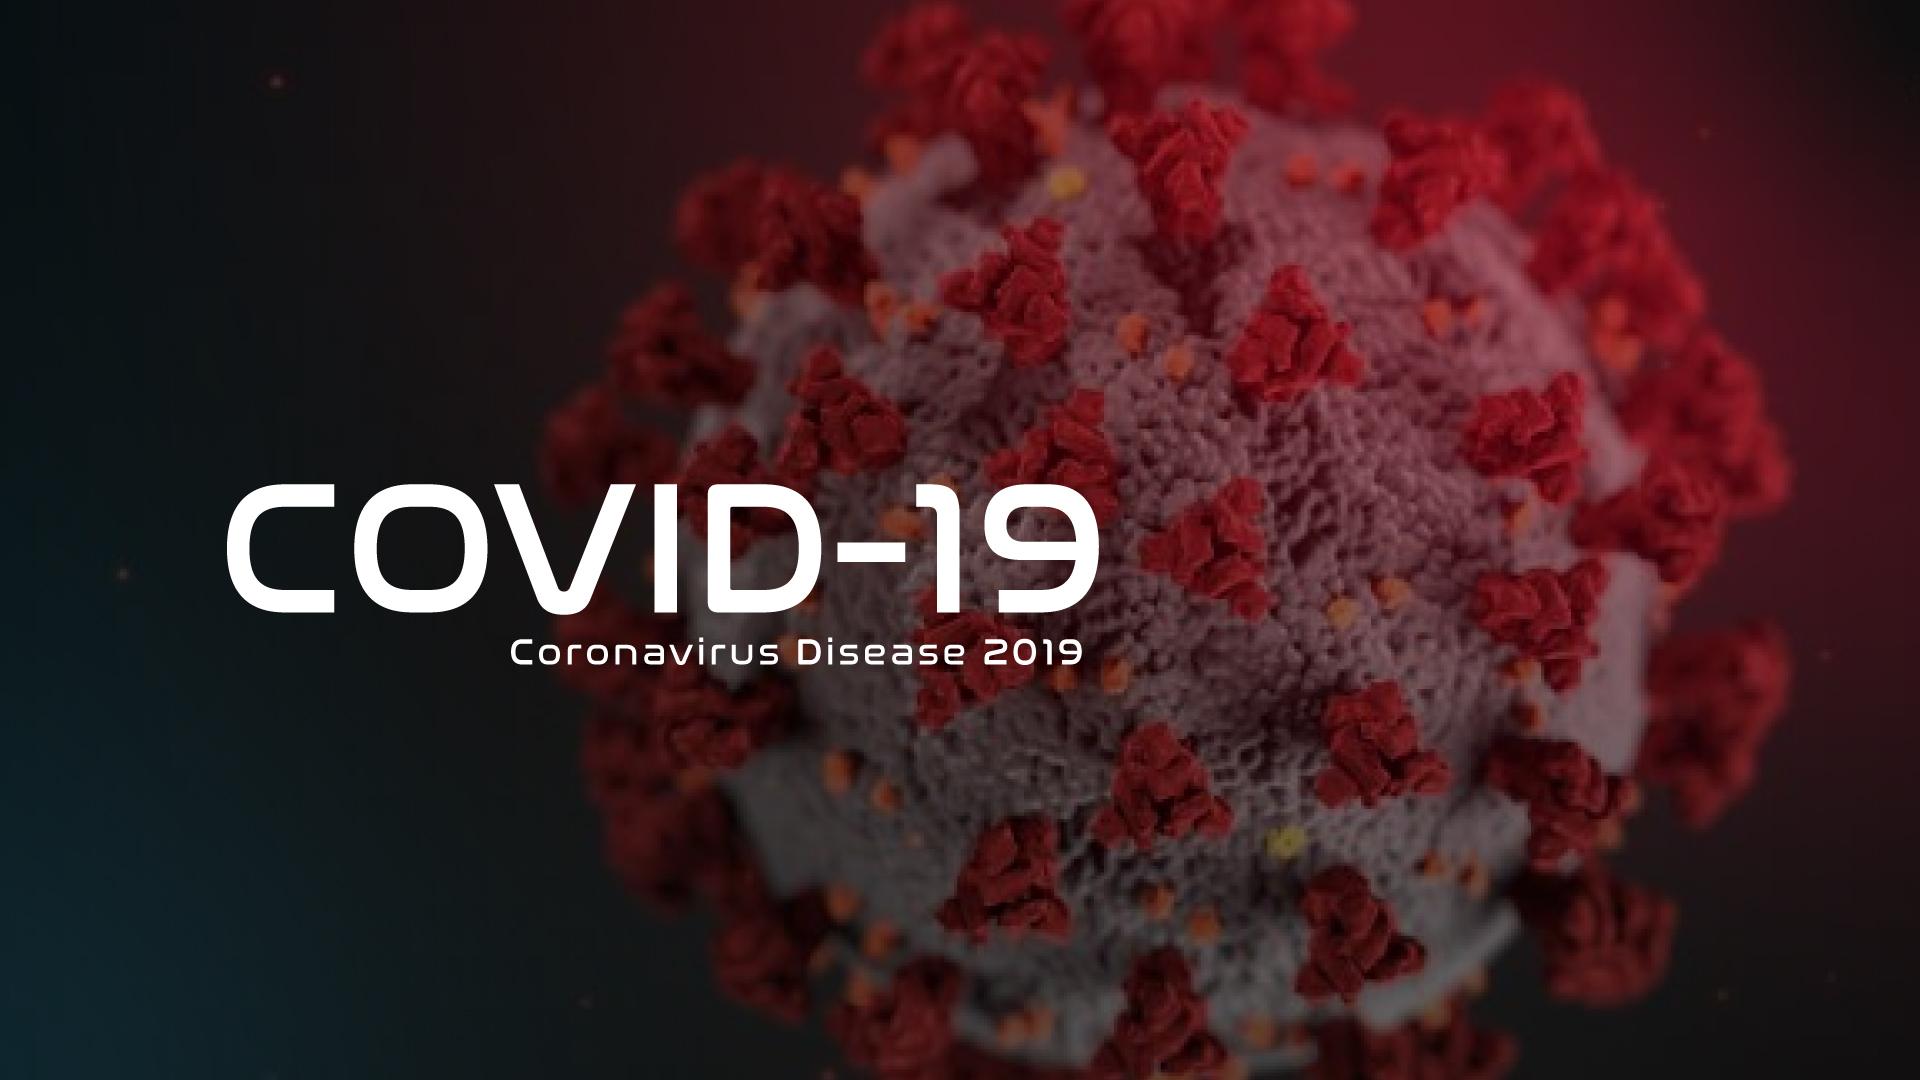 Provvedimenti per emergenza COVID-19